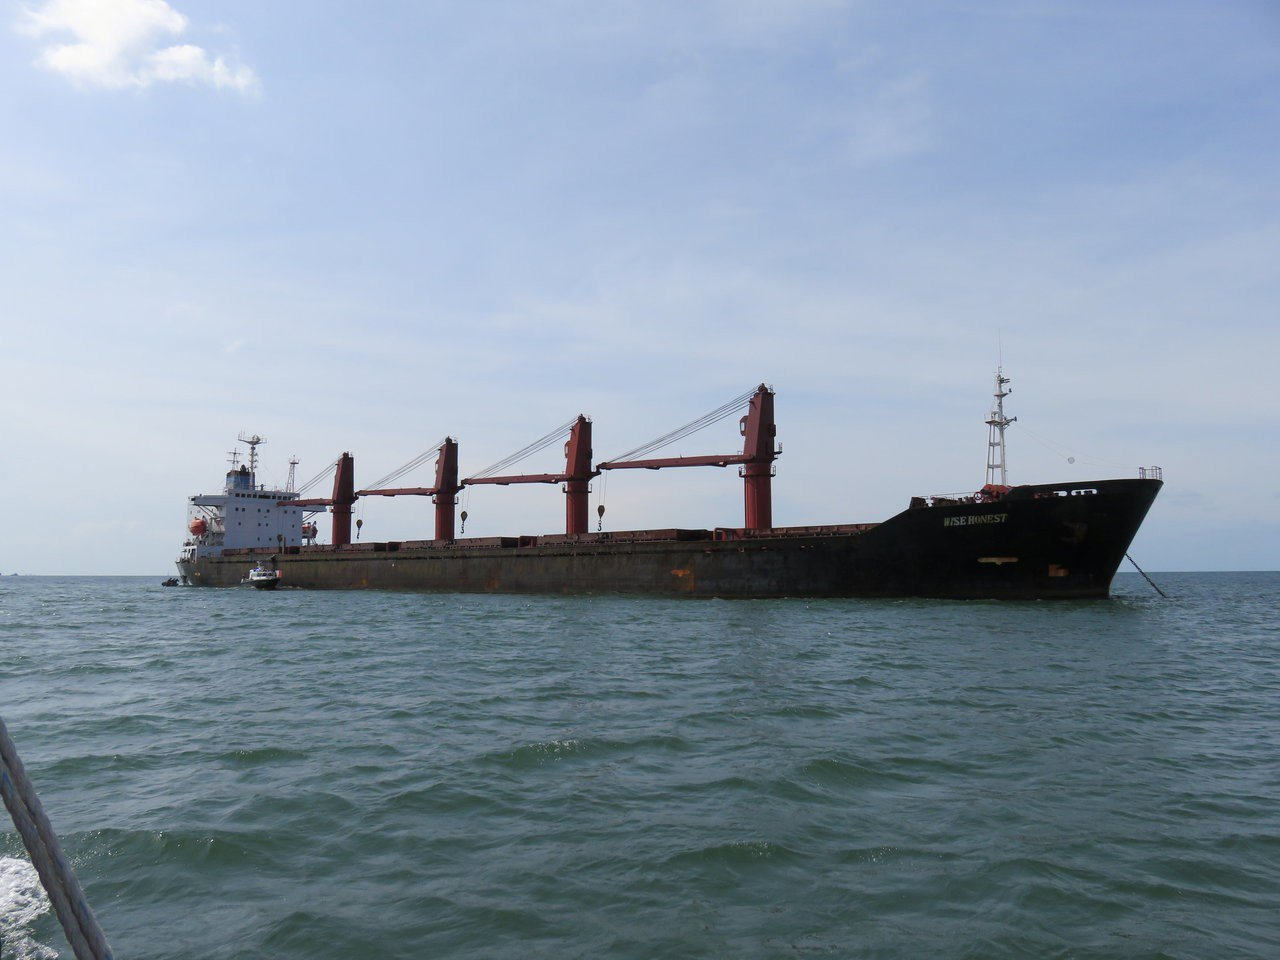 美國以違反國際制裁為由,9日扣押北韓貨輪「誠實號」。 路透